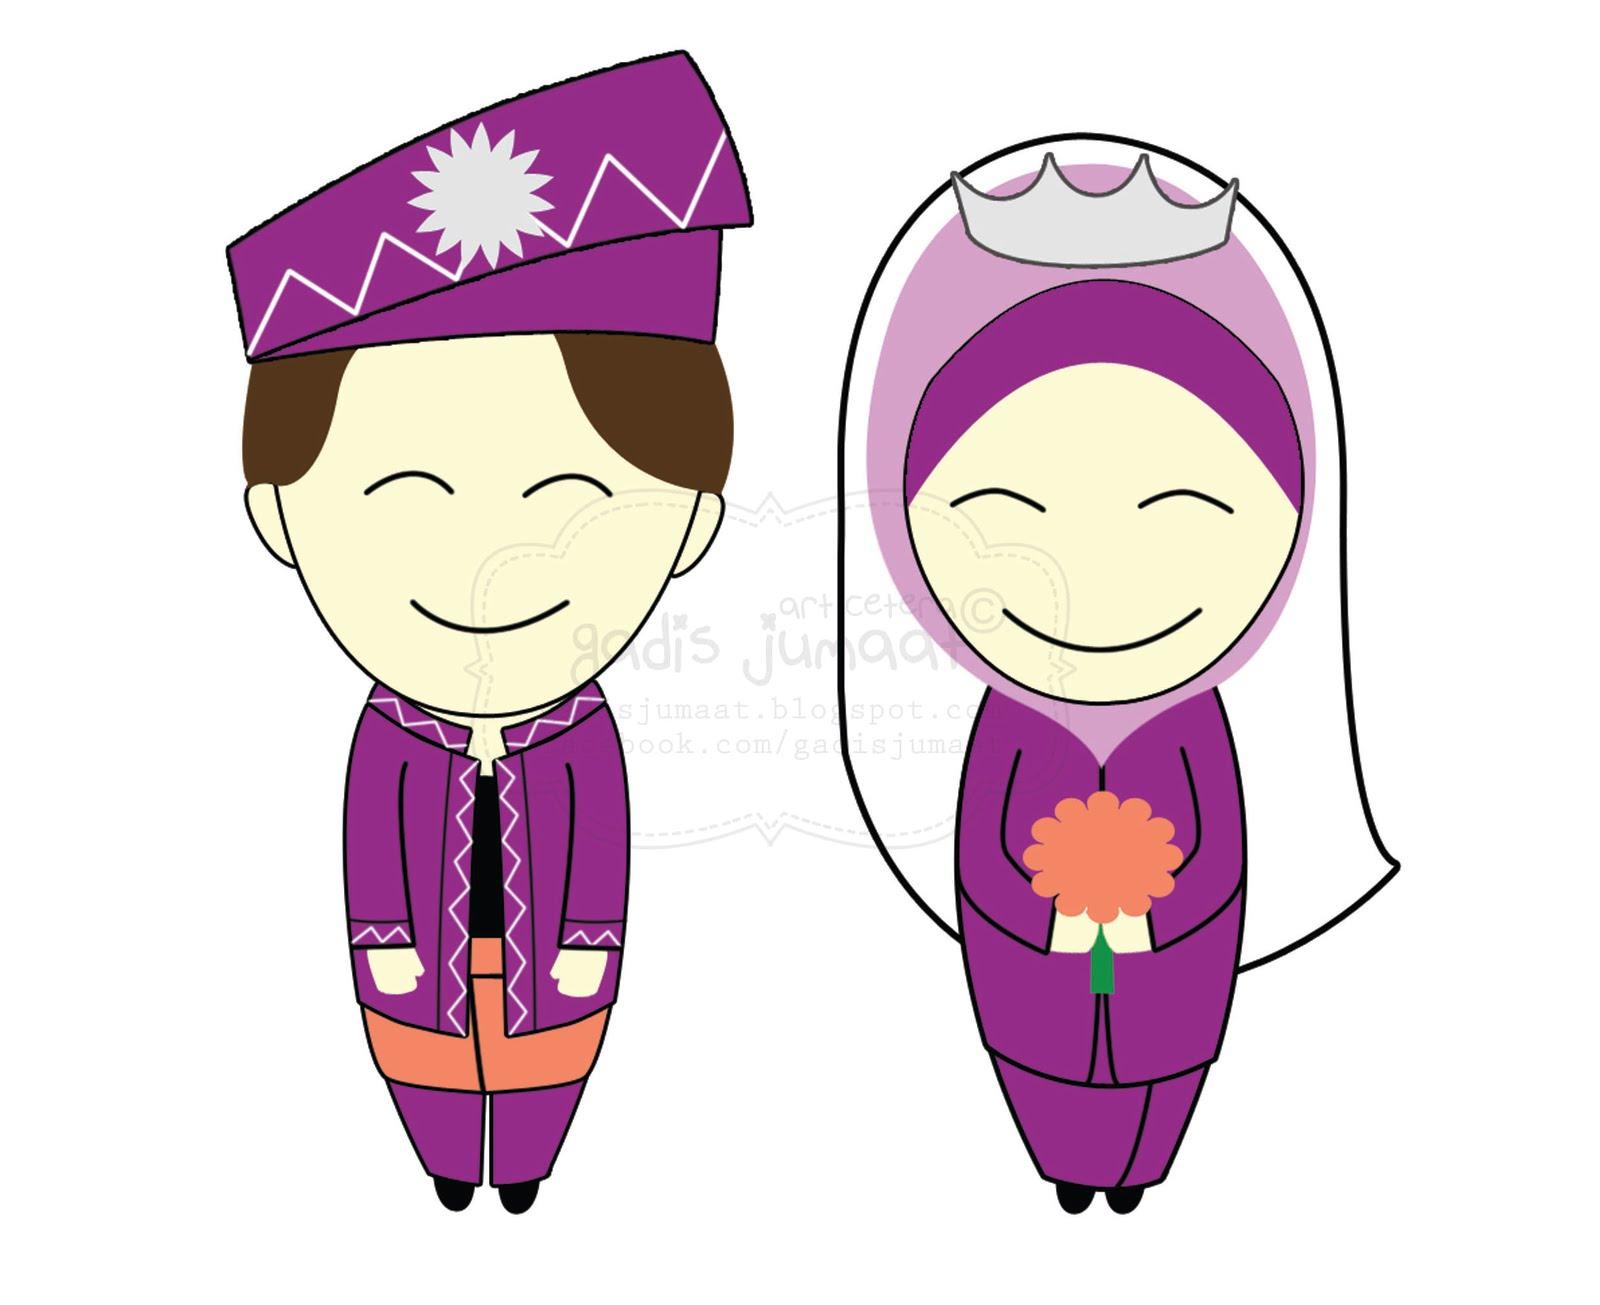 Gambar Kumpulan Vector Kartun Muslim Format Cdr Tempatnya Download